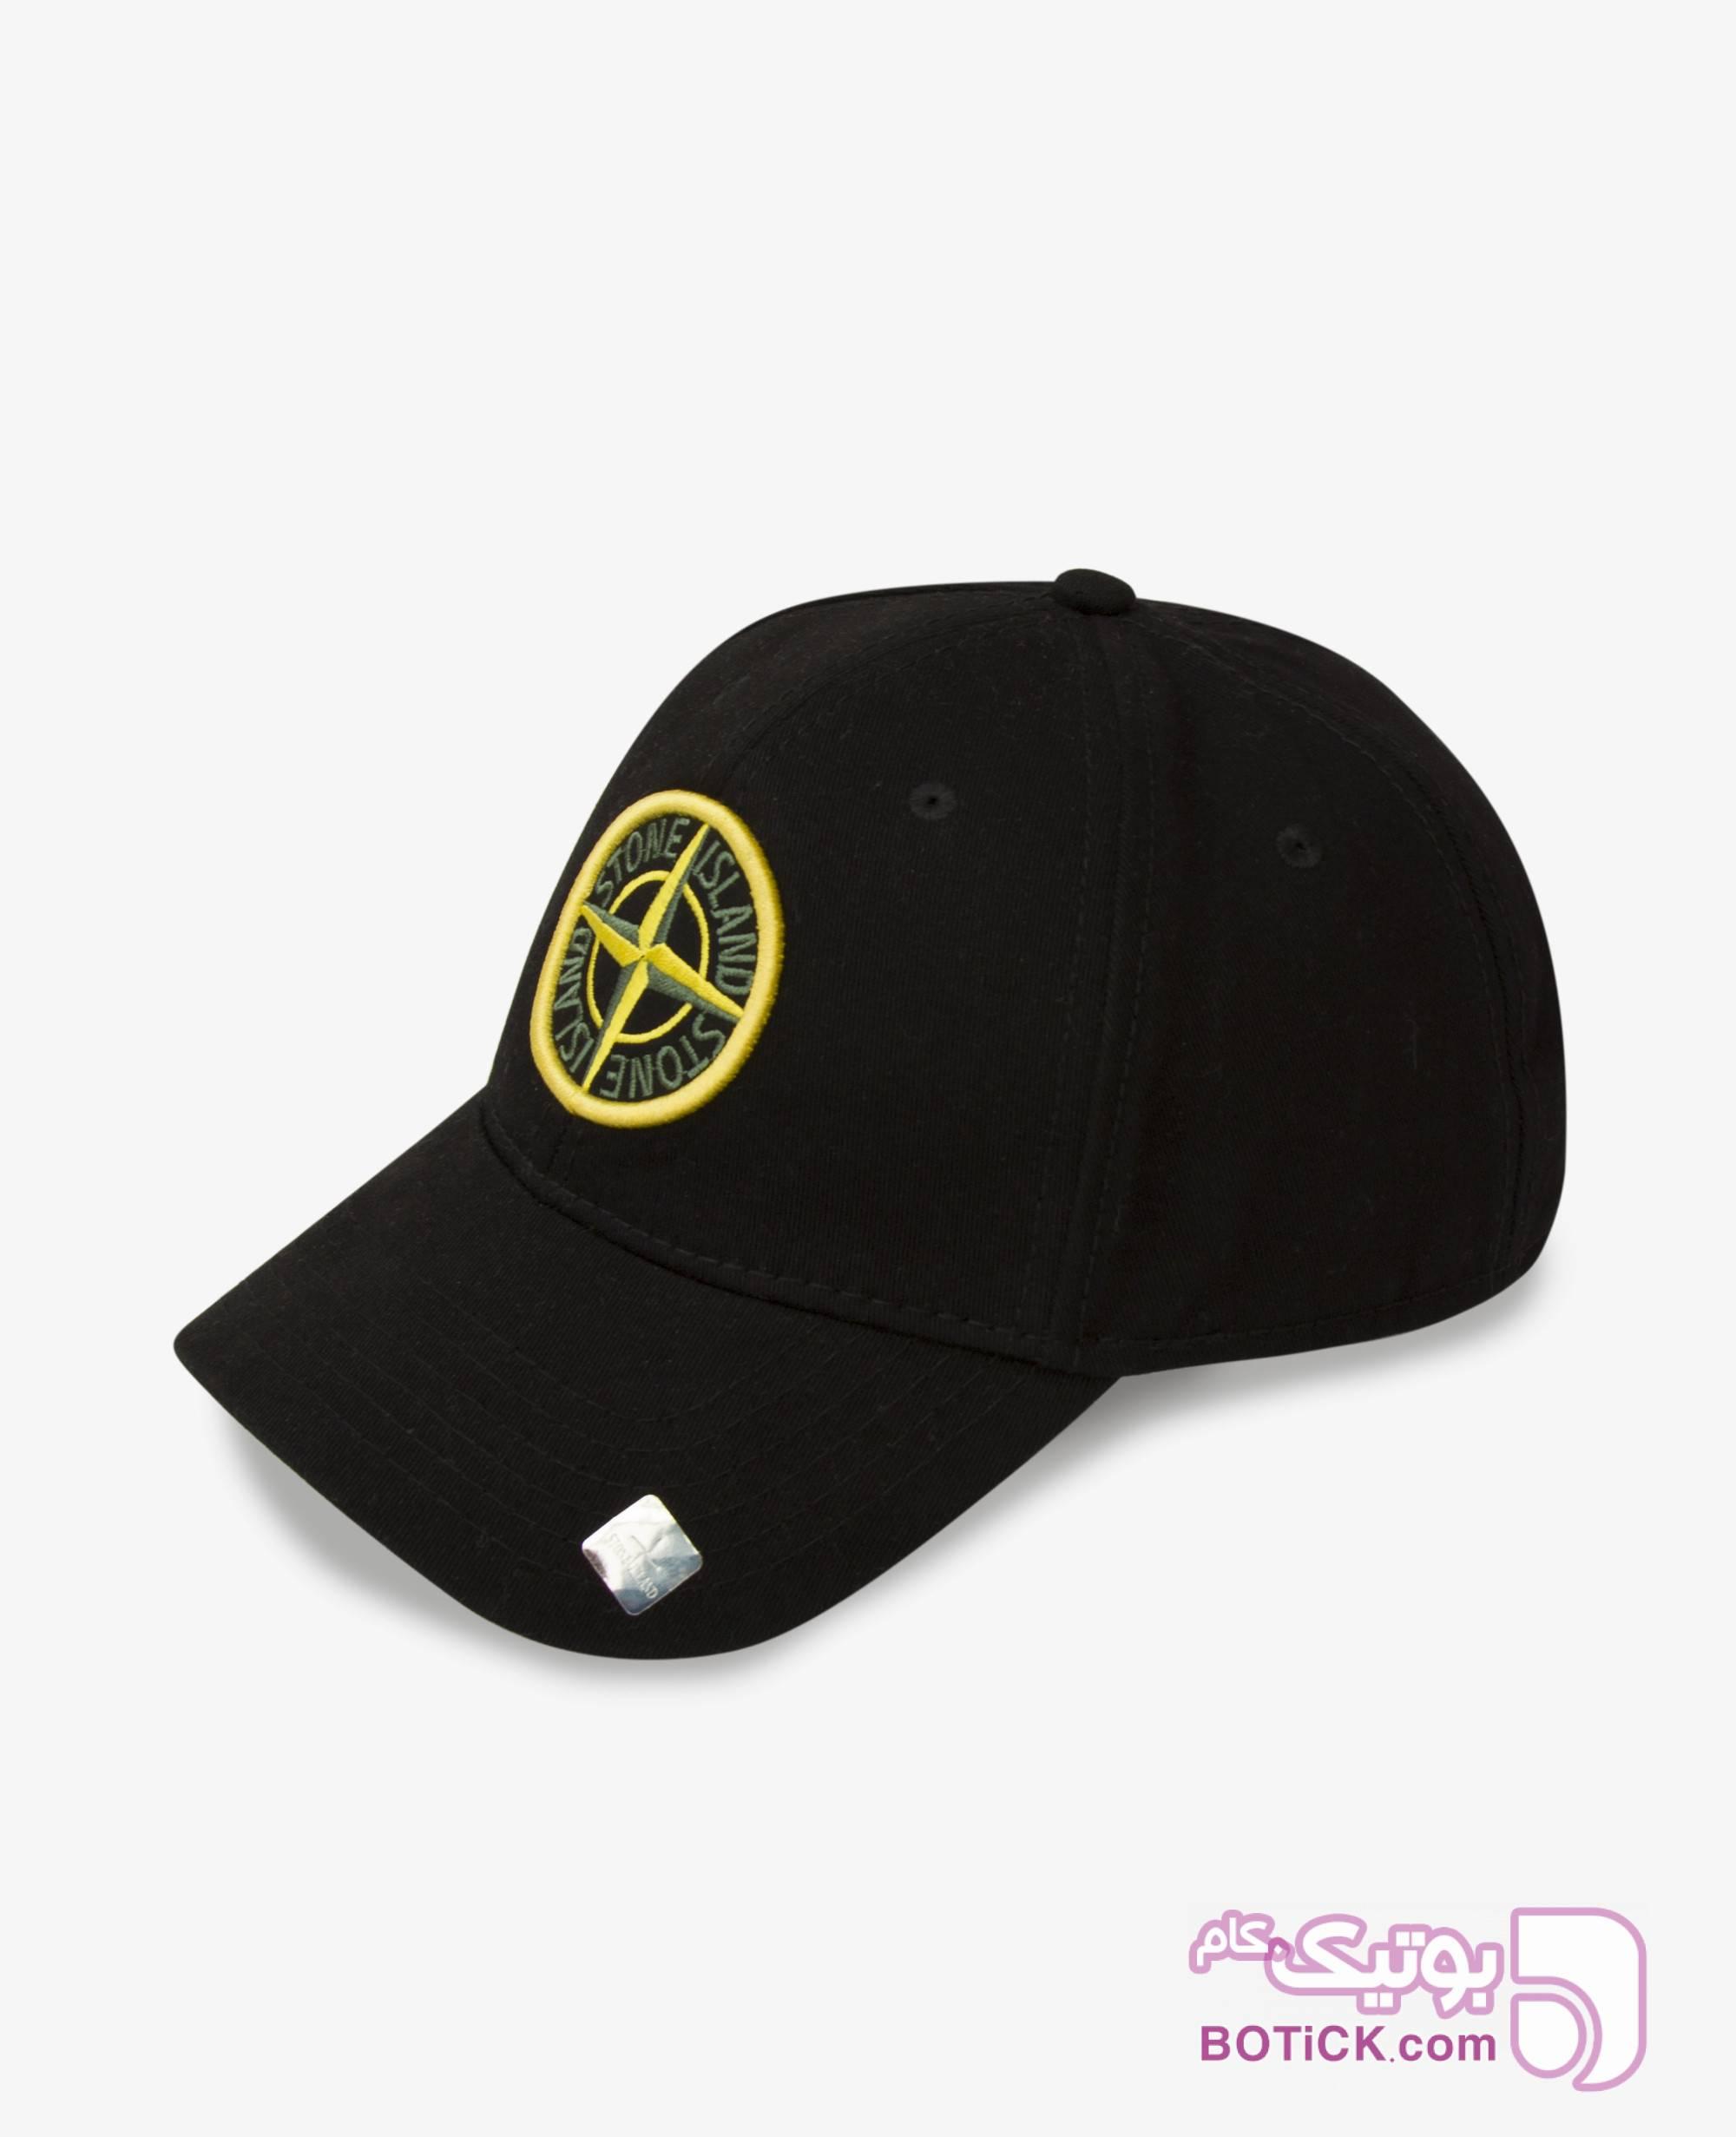 کلاه لبه گرد Stone Island کد 7754 مشکی کلاه و اسکارف